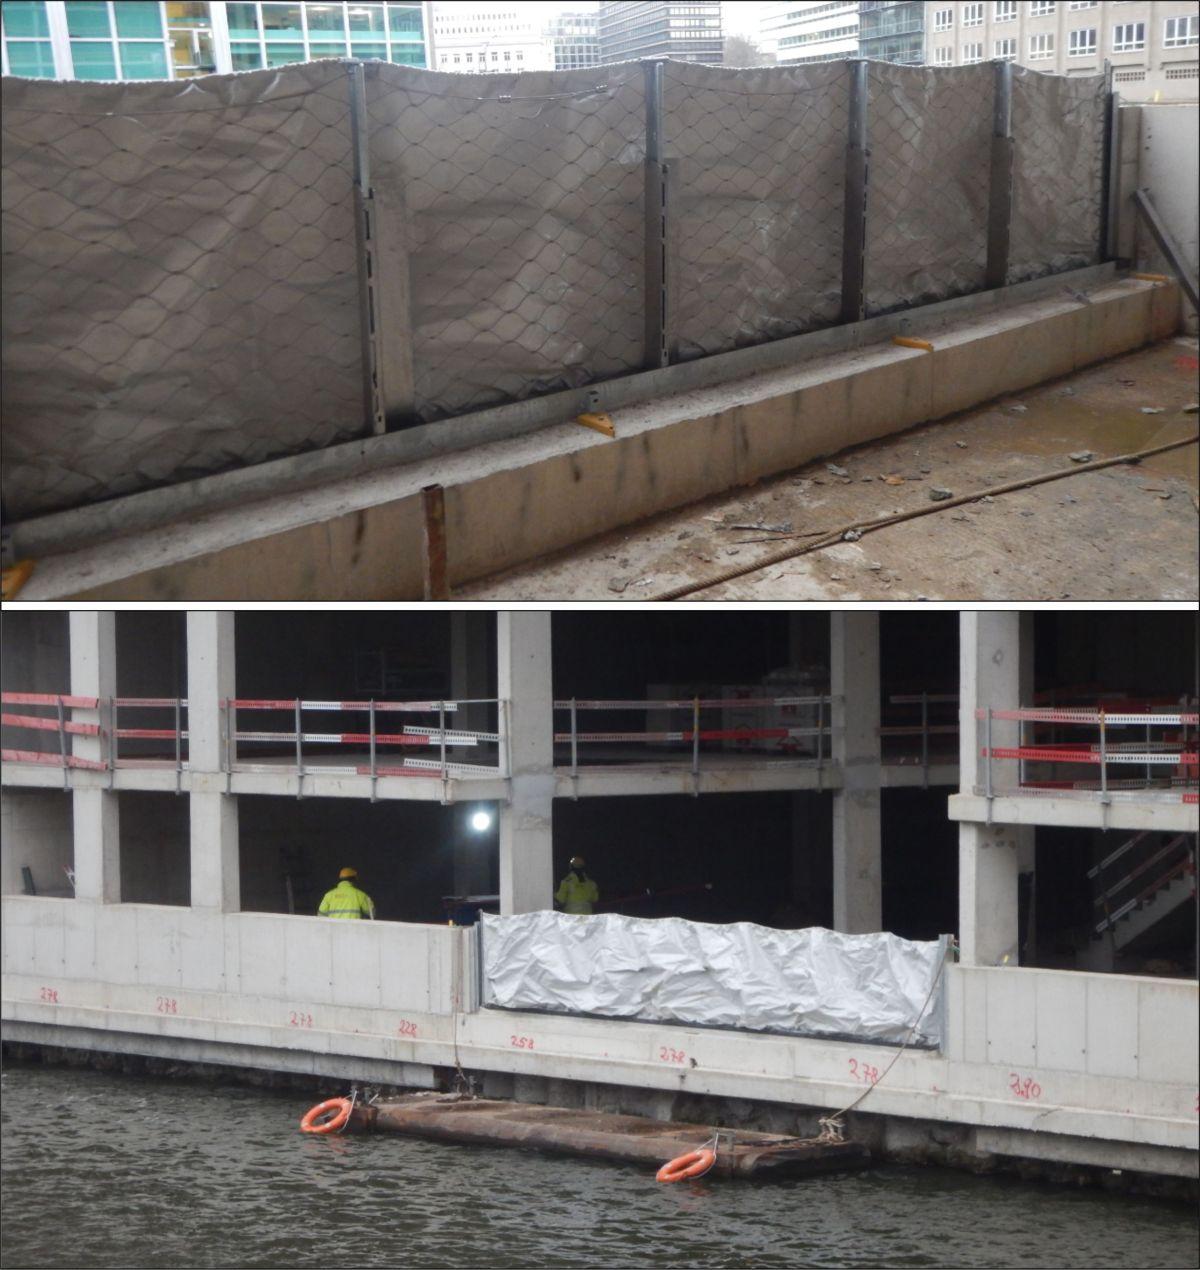 Bilder: die aufgebaute AquaWand mit der Ansicht von der Land- und Wasserseite